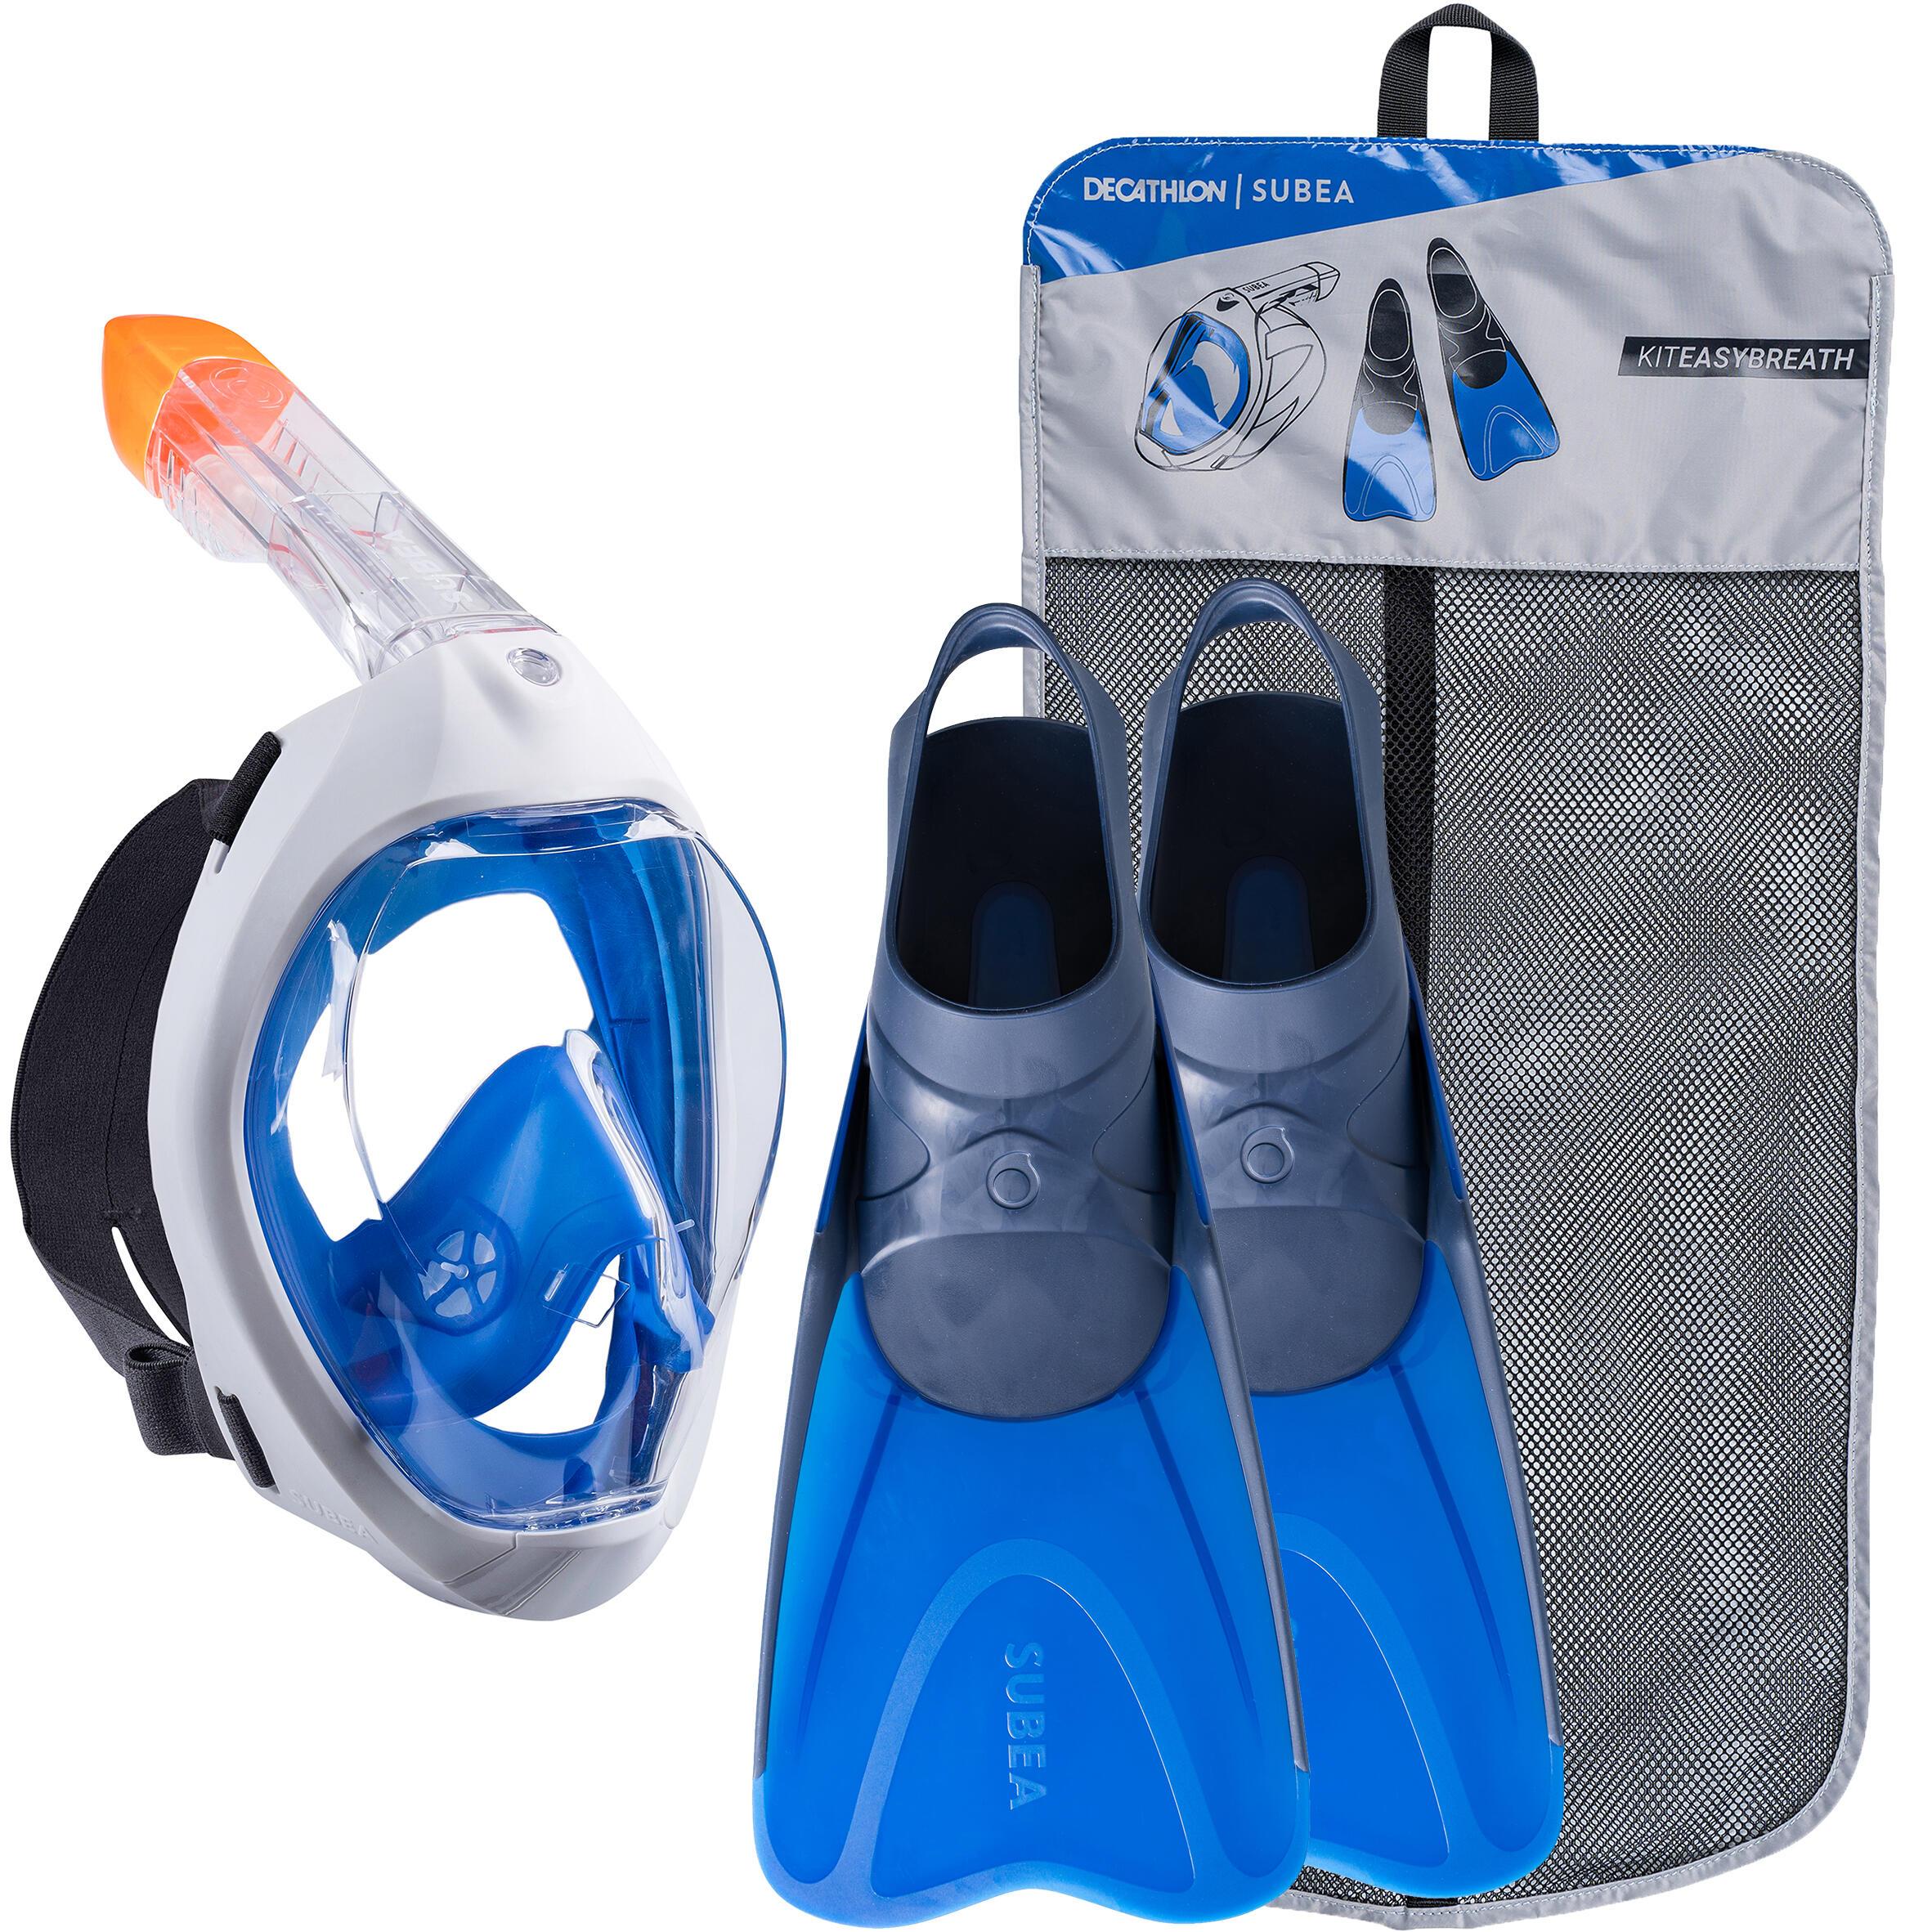 Snorkelset voor volwassenen easybreath masker en vinnen blauw